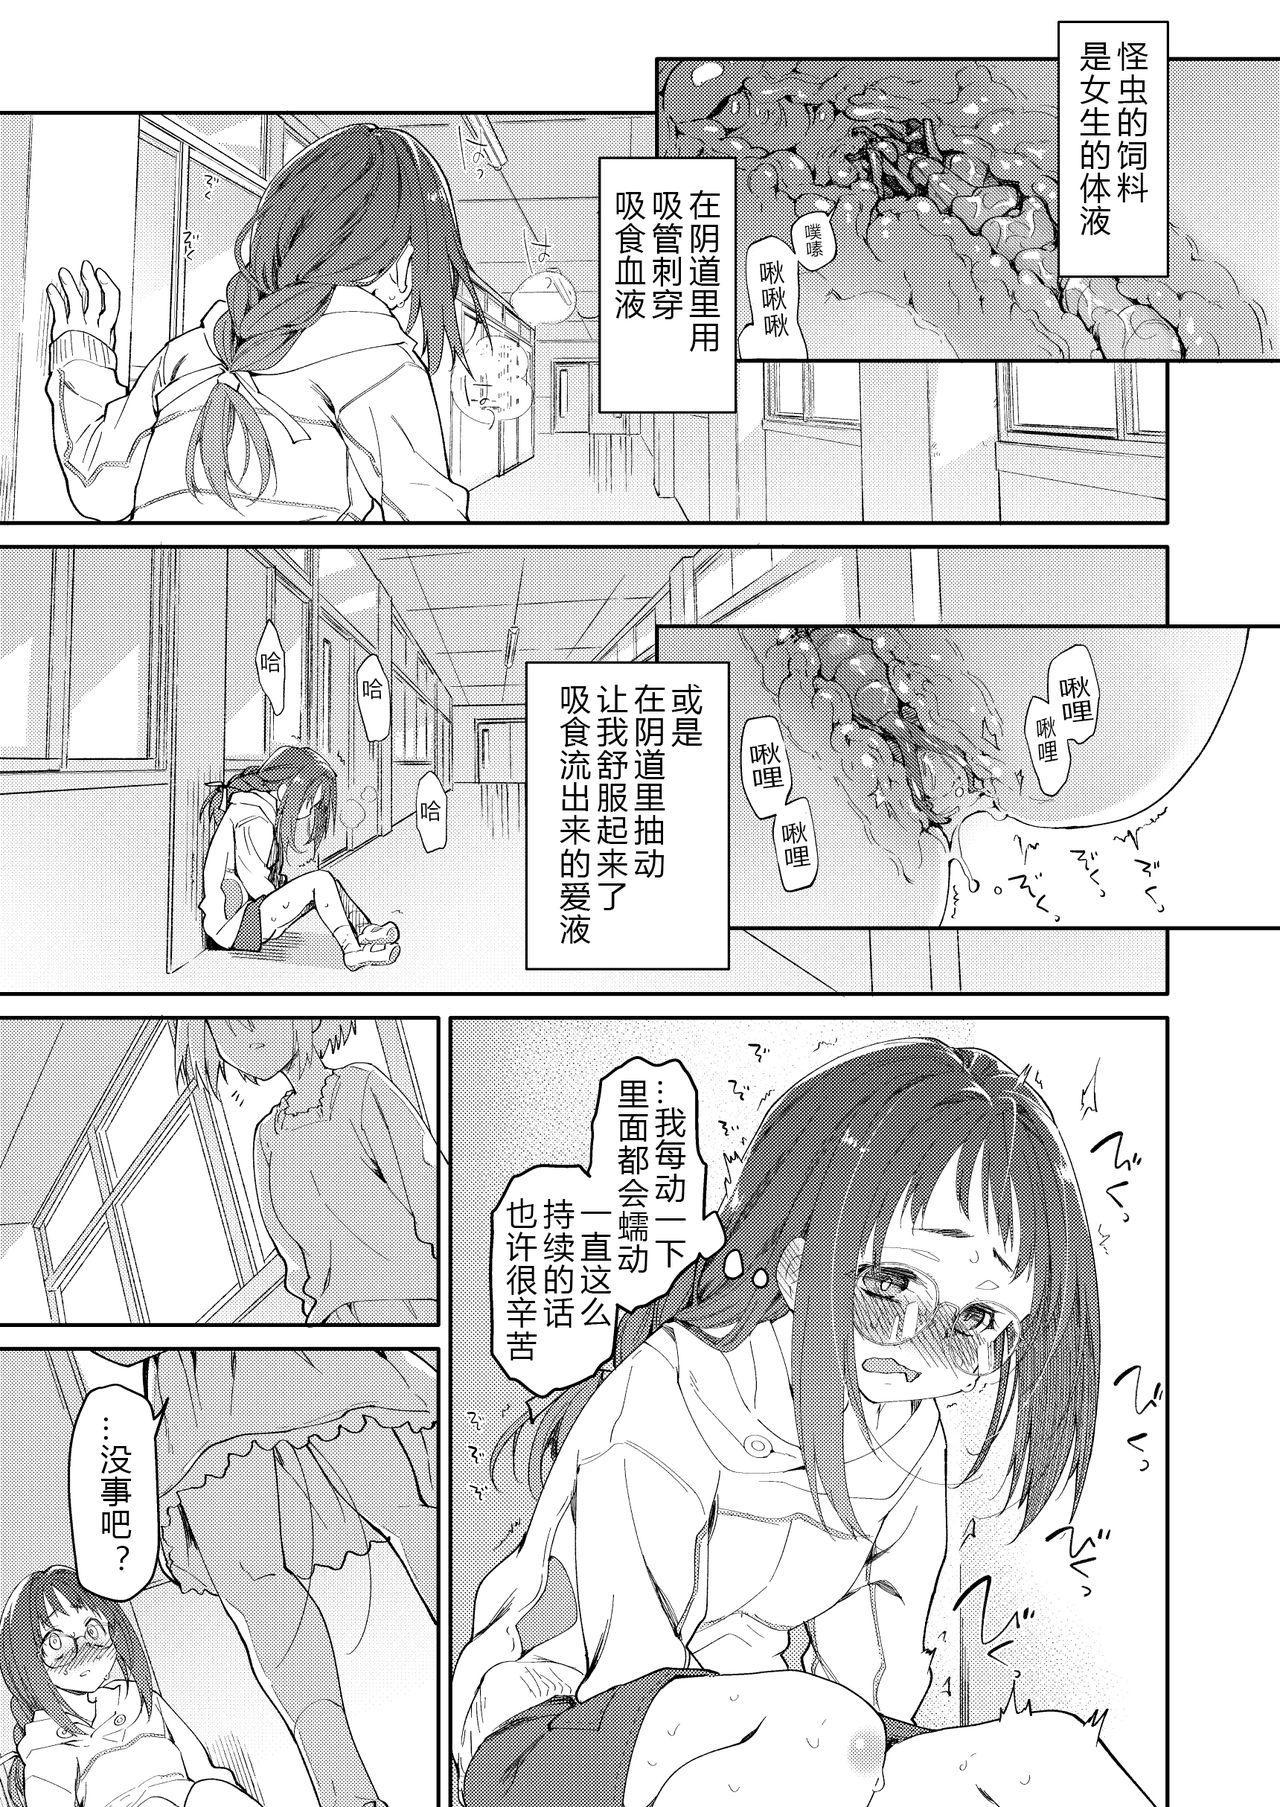 Skirt to Kiseichuu 9